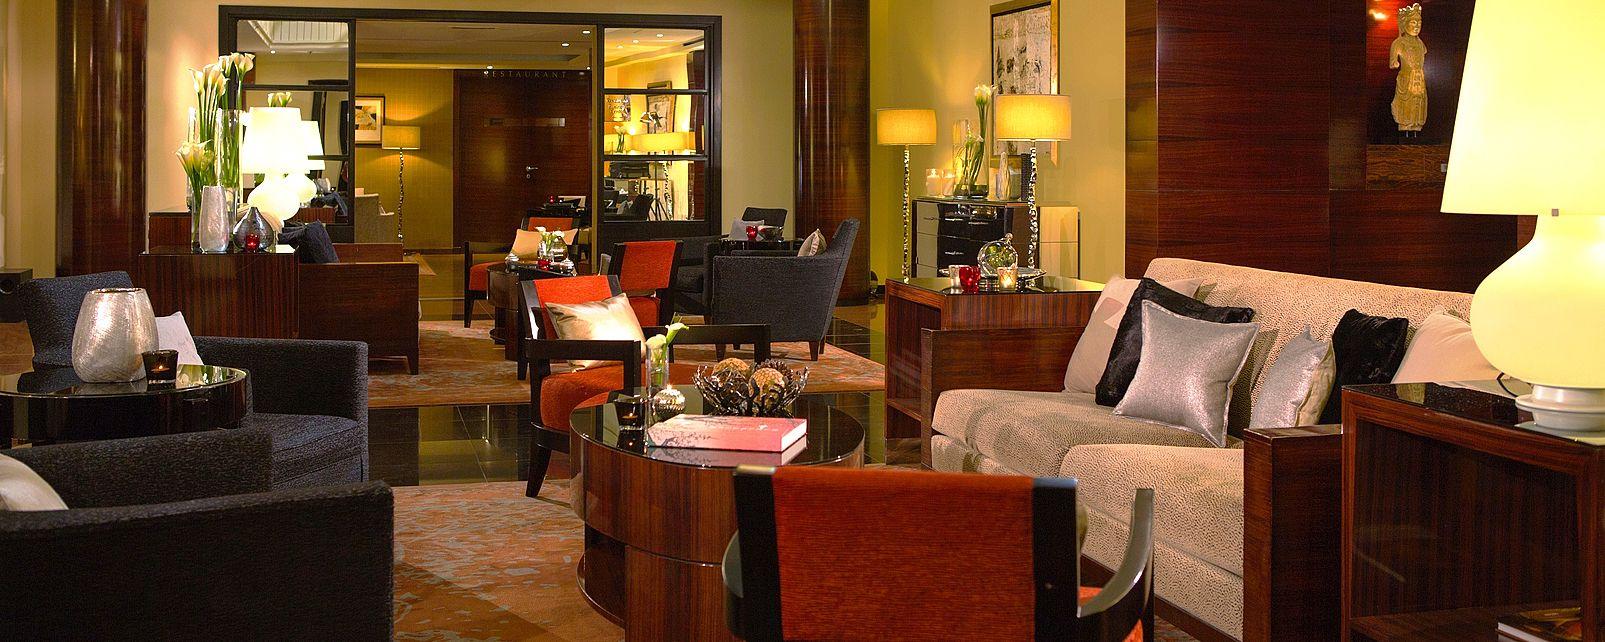 Hotel Renaissance Paris Vendome Hotel